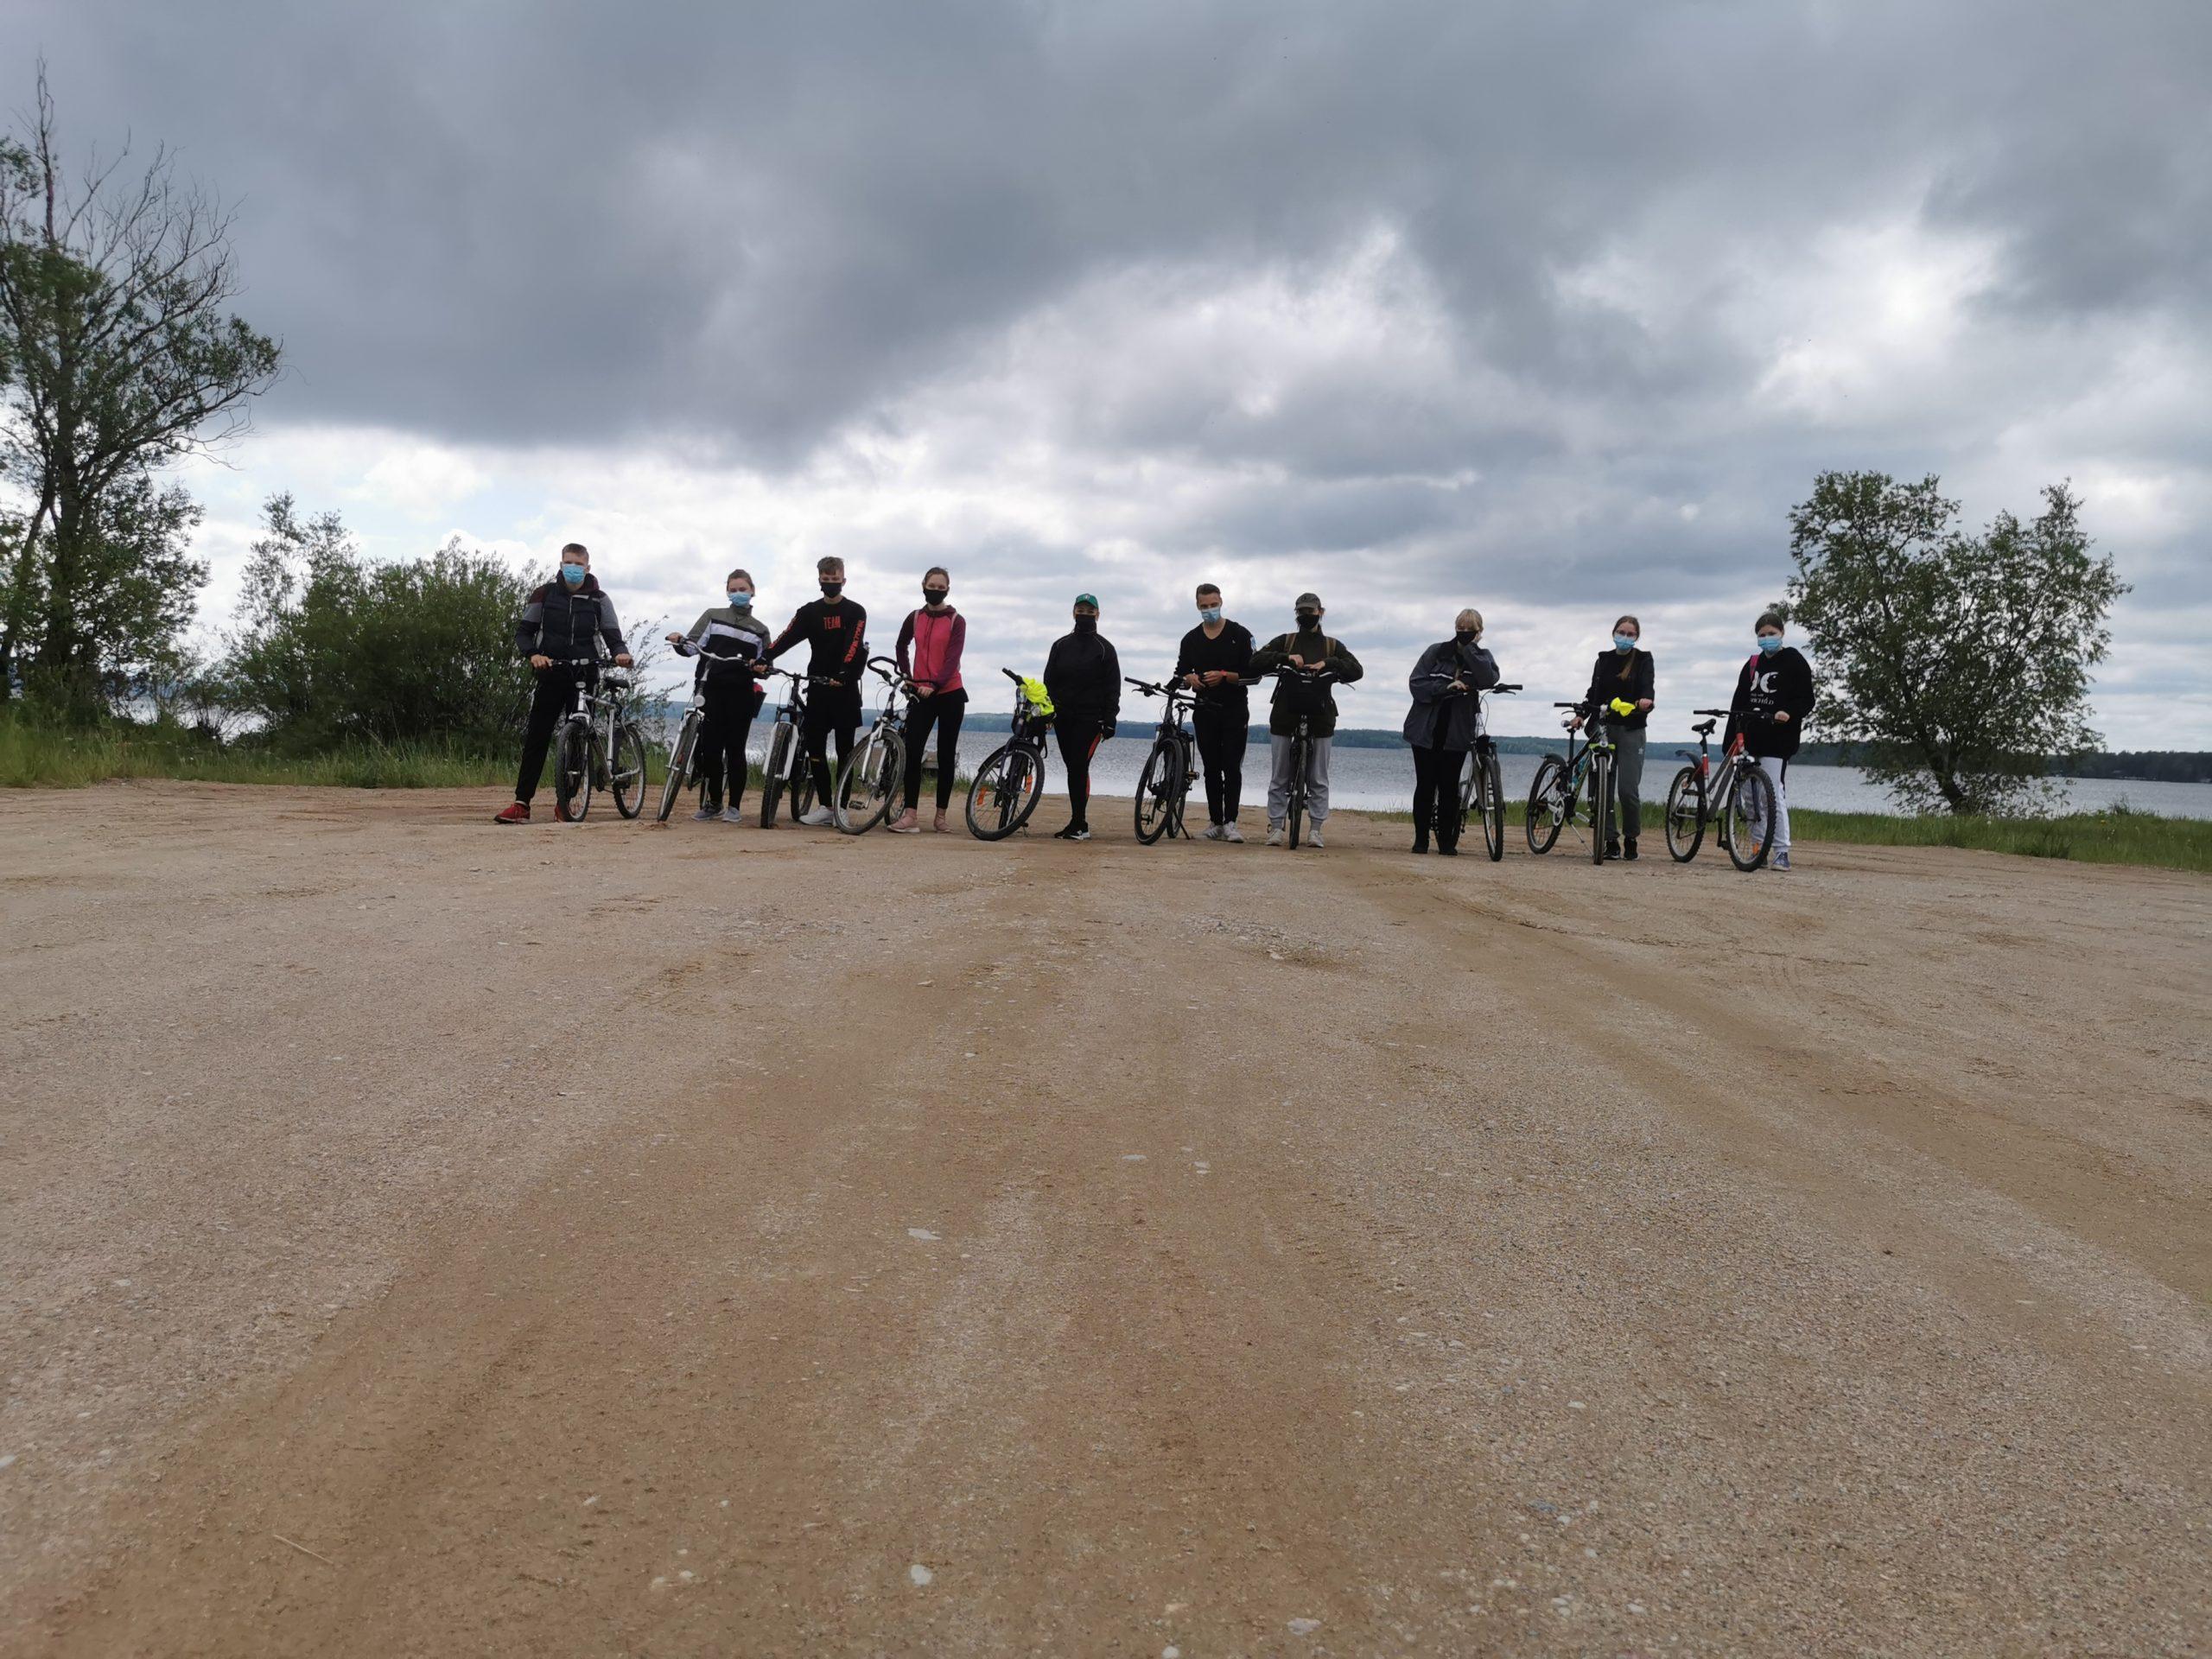 Vasaros pradžiai pažymėti – Vilkaviškio JPB narių dviračių žygis